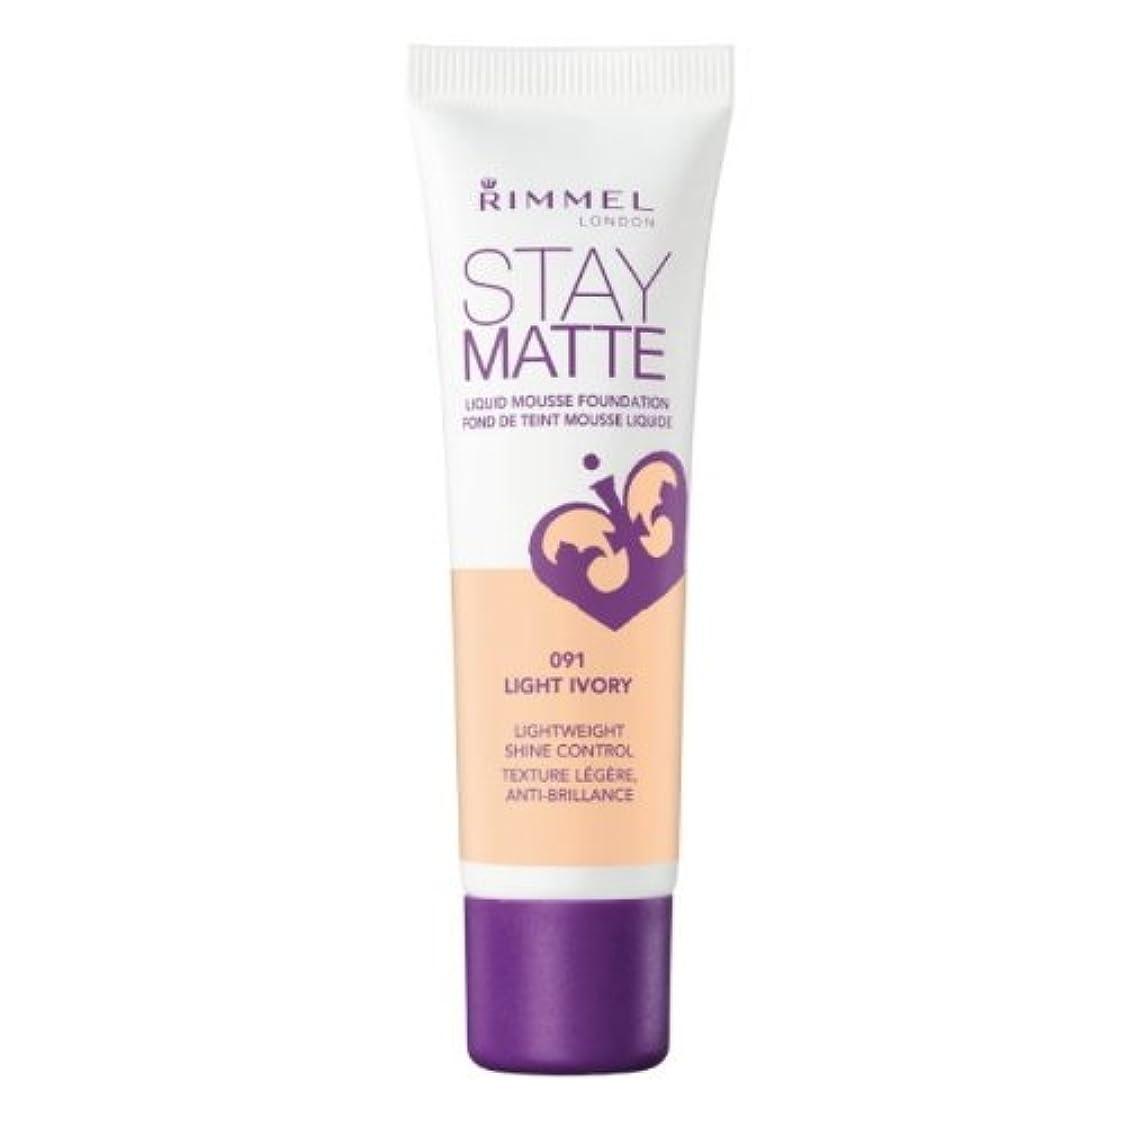 支援する定説程度RIMMEL LONDON Stay Matte Liquid Mousse Foundation - Light Ivory (並行輸入品)